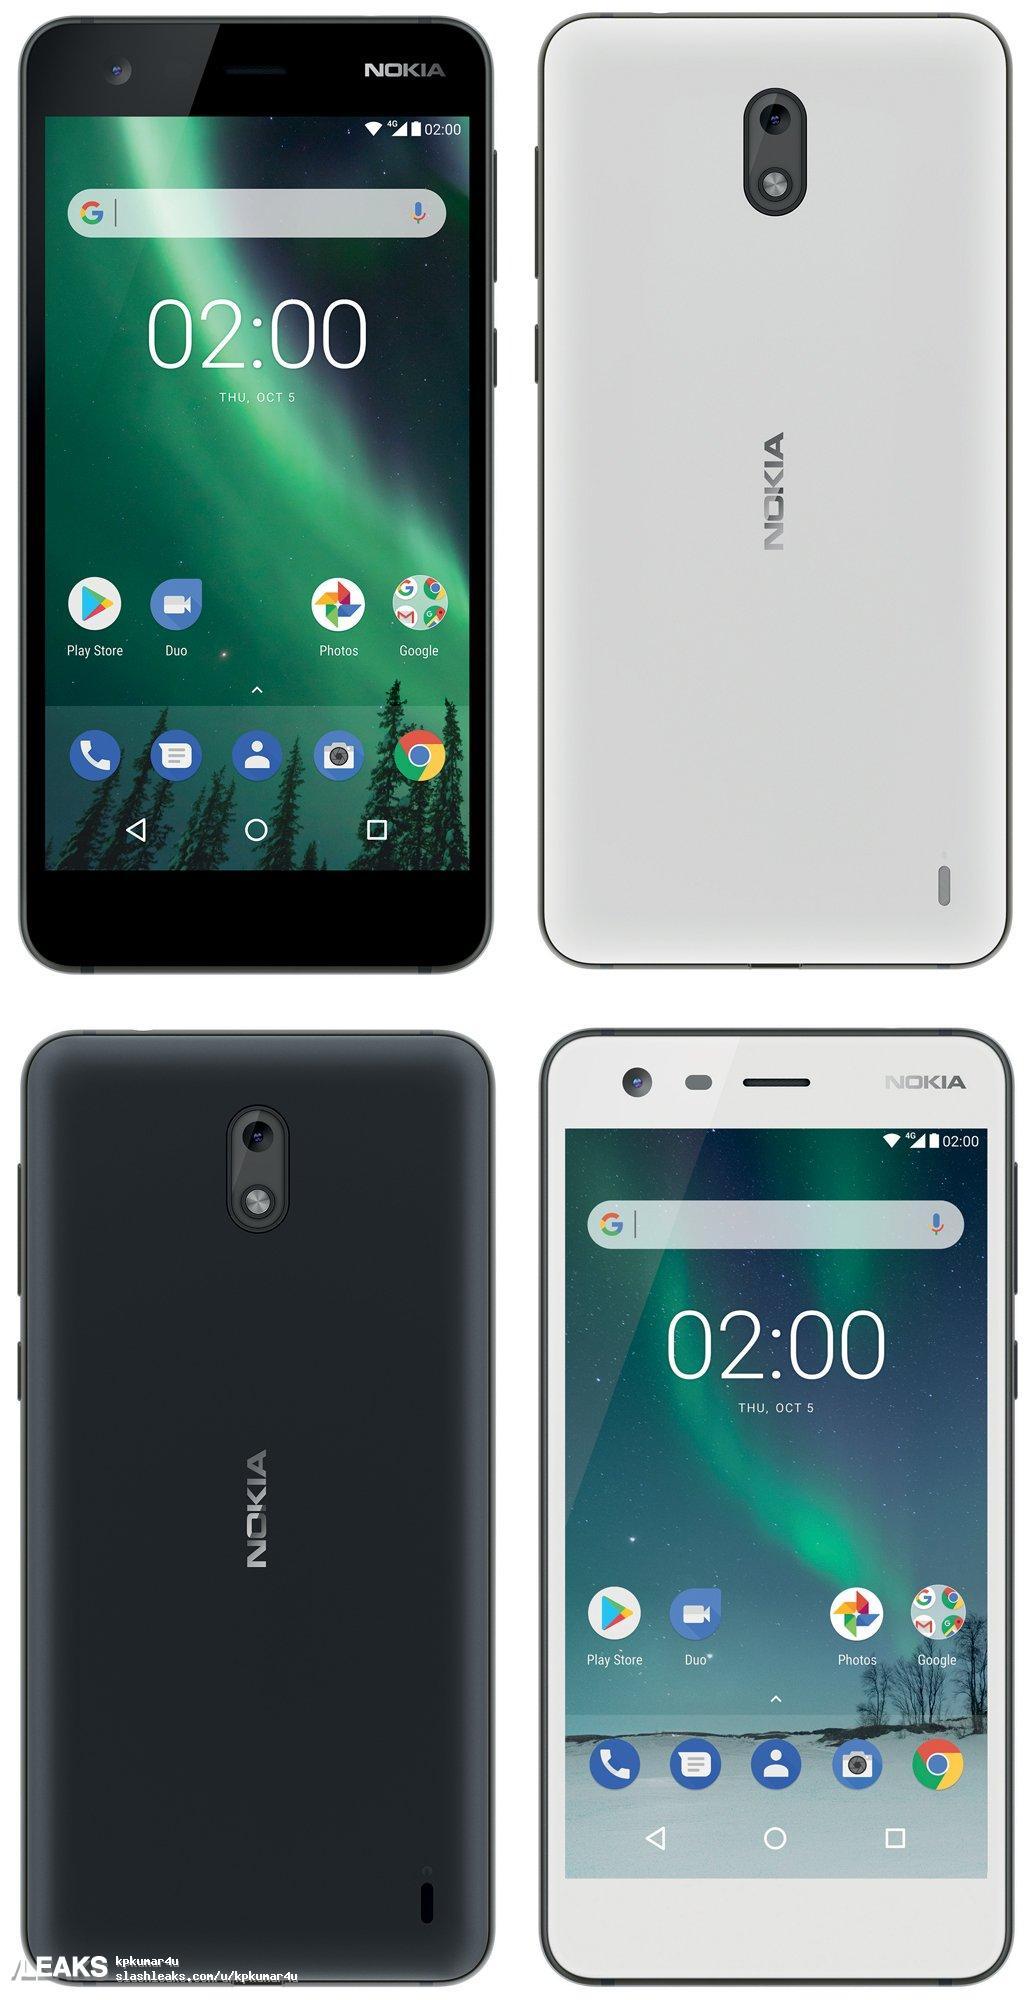 img Nokia 2 Press renders leaked by Evan Blass